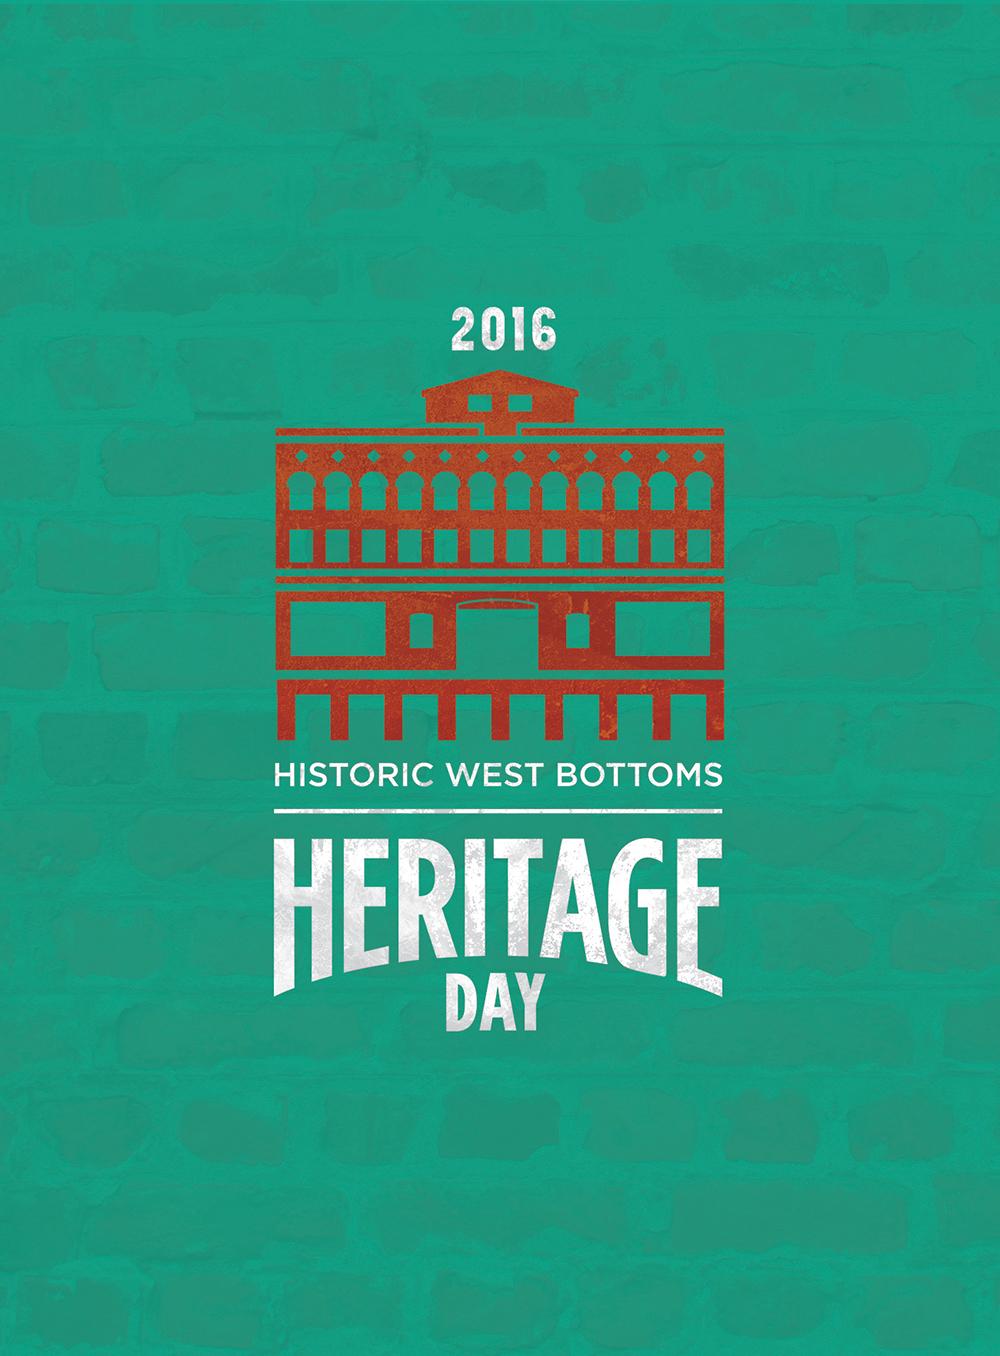 Heritageday 72dpi.jpg